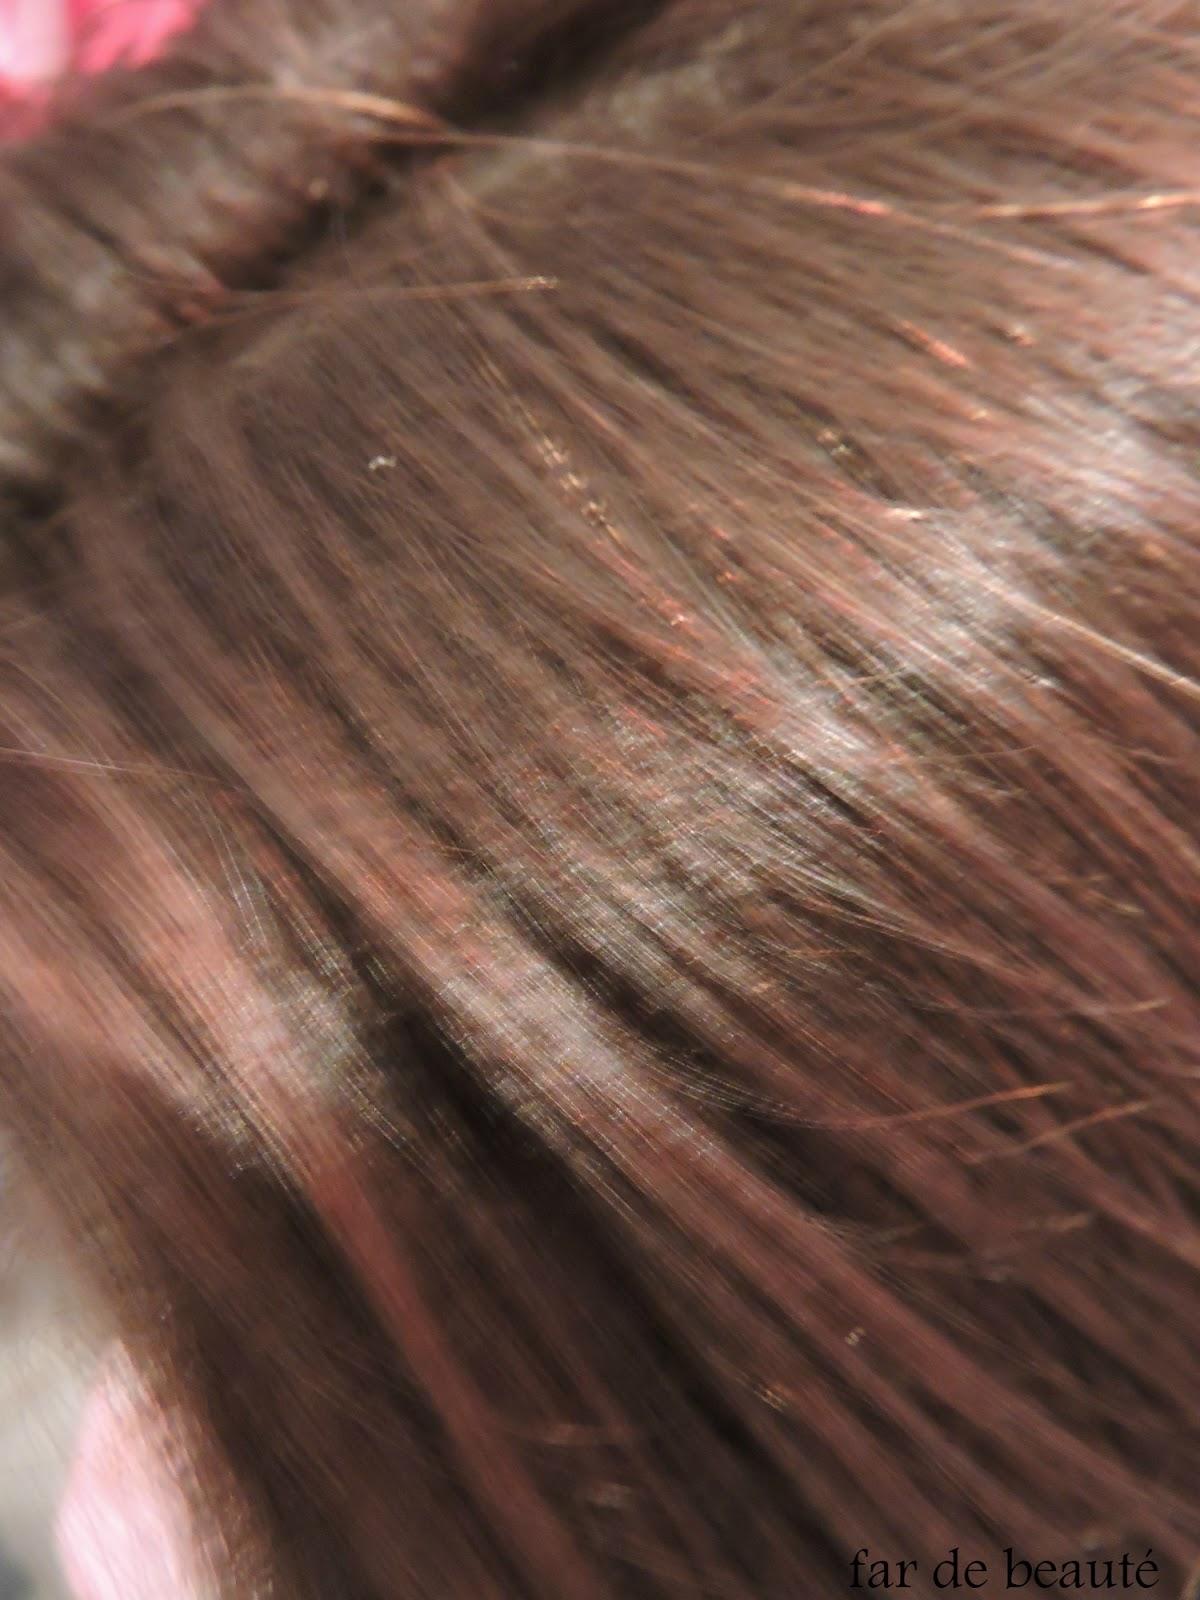 aprs 2 lavages mes cheveux nont pas beaucoup dgorgs par contre les cheveux blancs sur le dessus du crne sont colors mais lgrement plus clairs - Coloration Cheveux Cappuccino